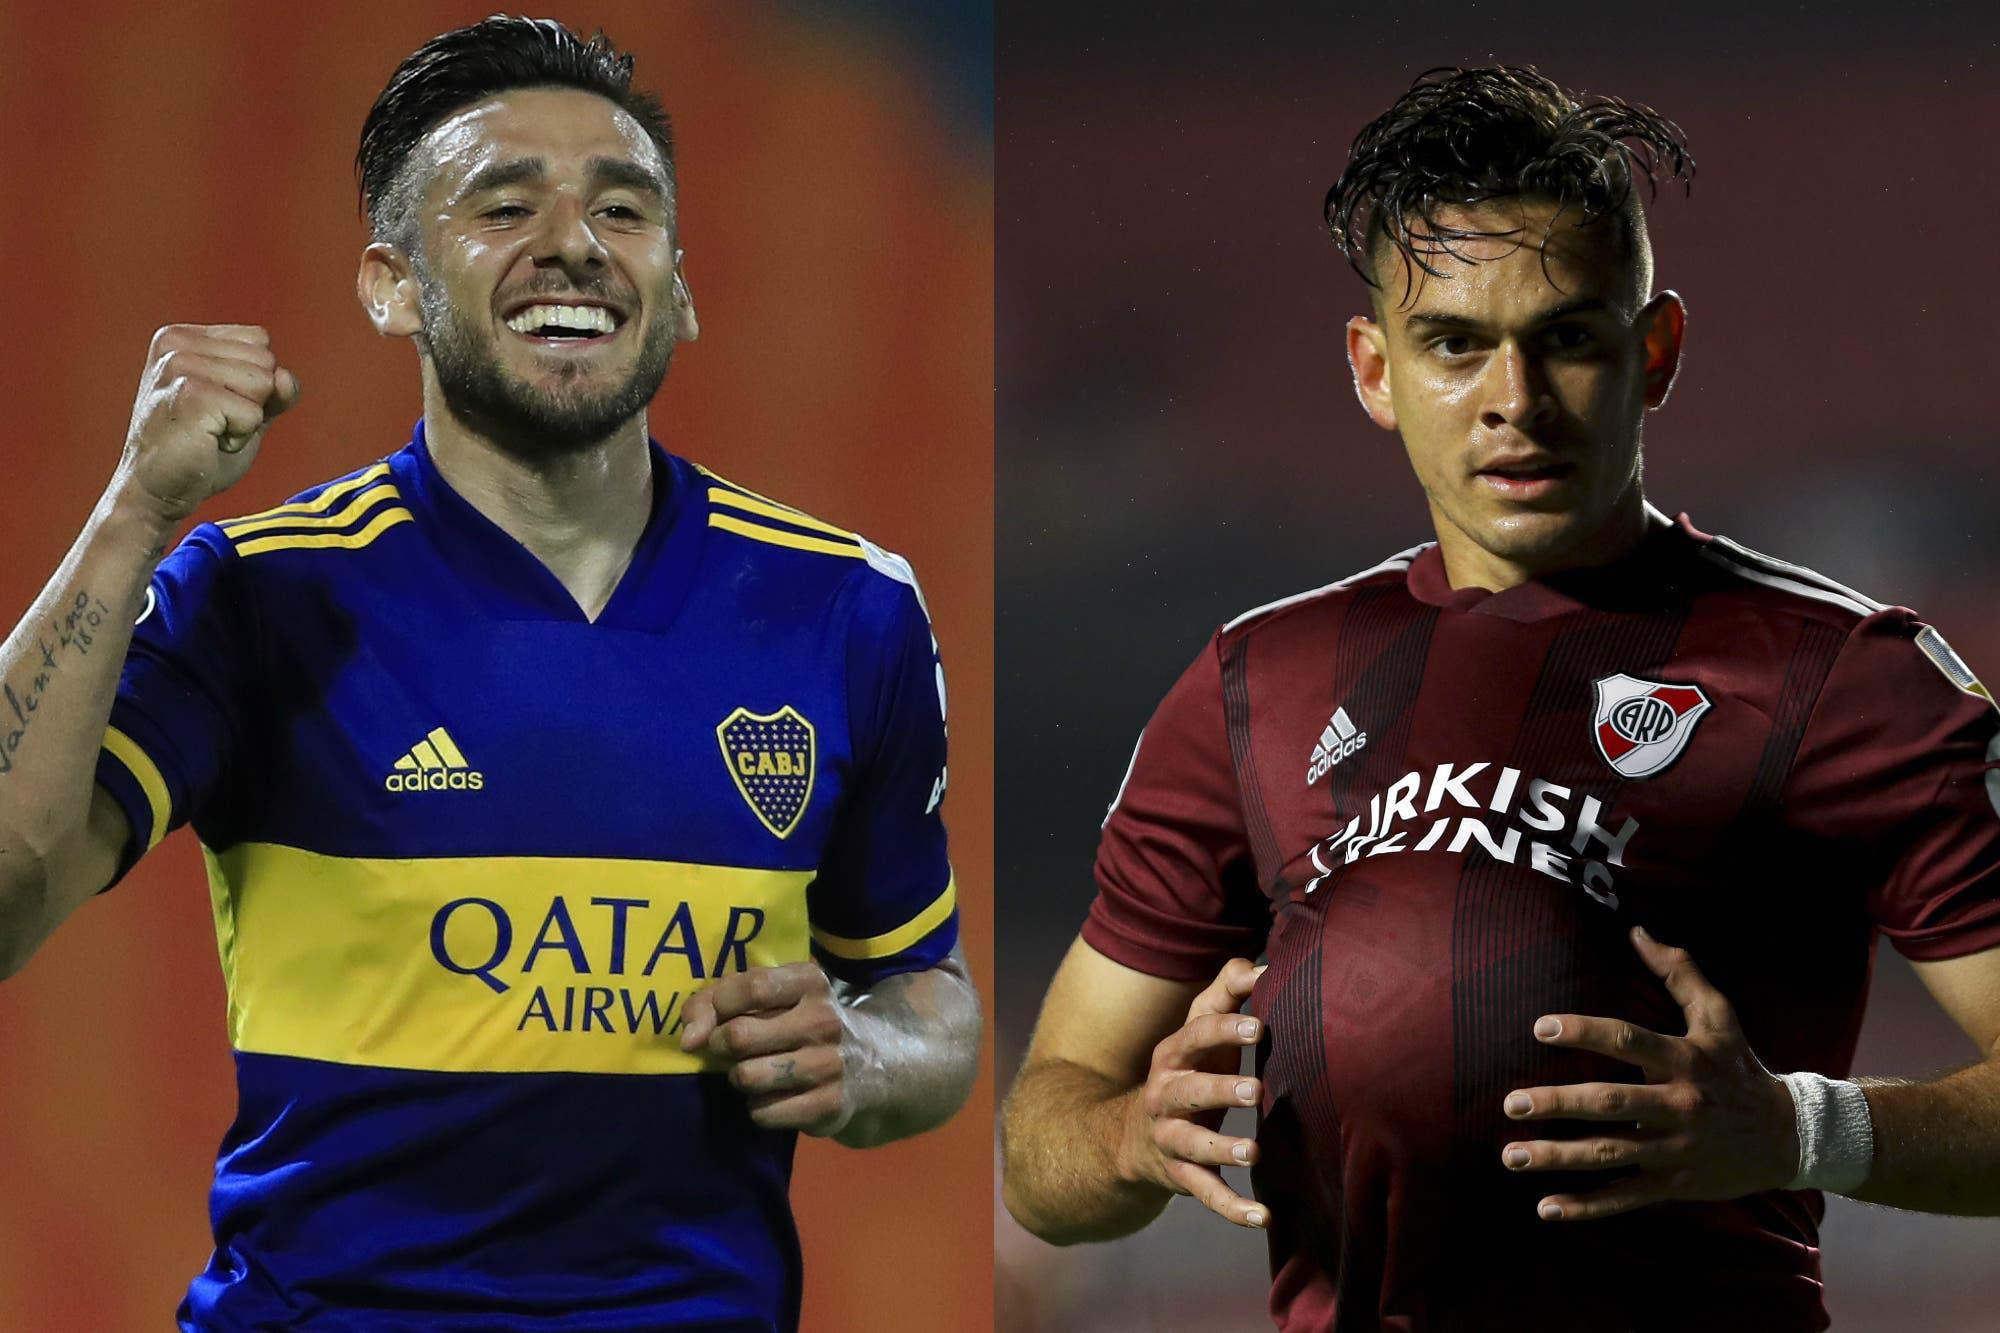 Copa Libertadores. La posibilidad de un Boca-River en octavos de final y los otros clasificados